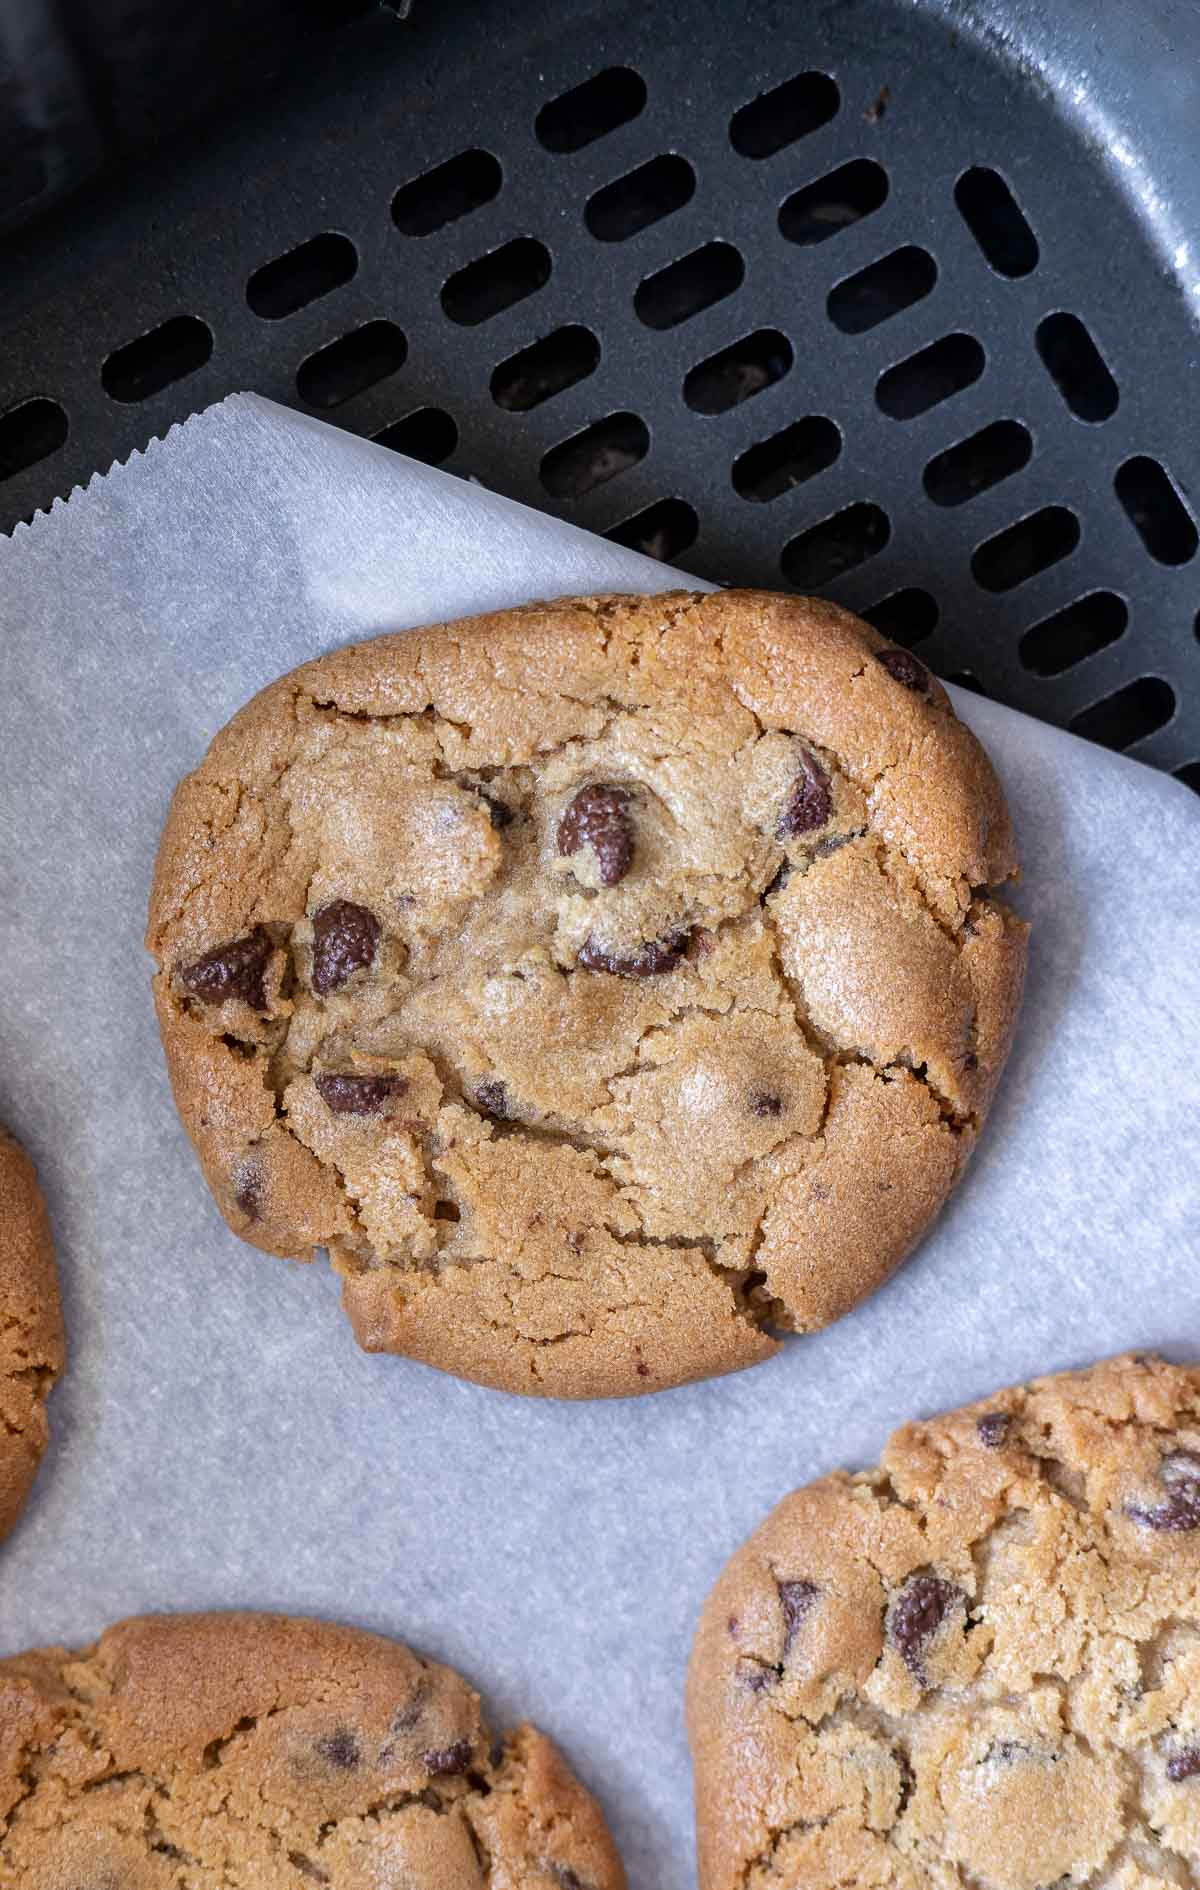 baked chocolate chip cookies in air fryer basket